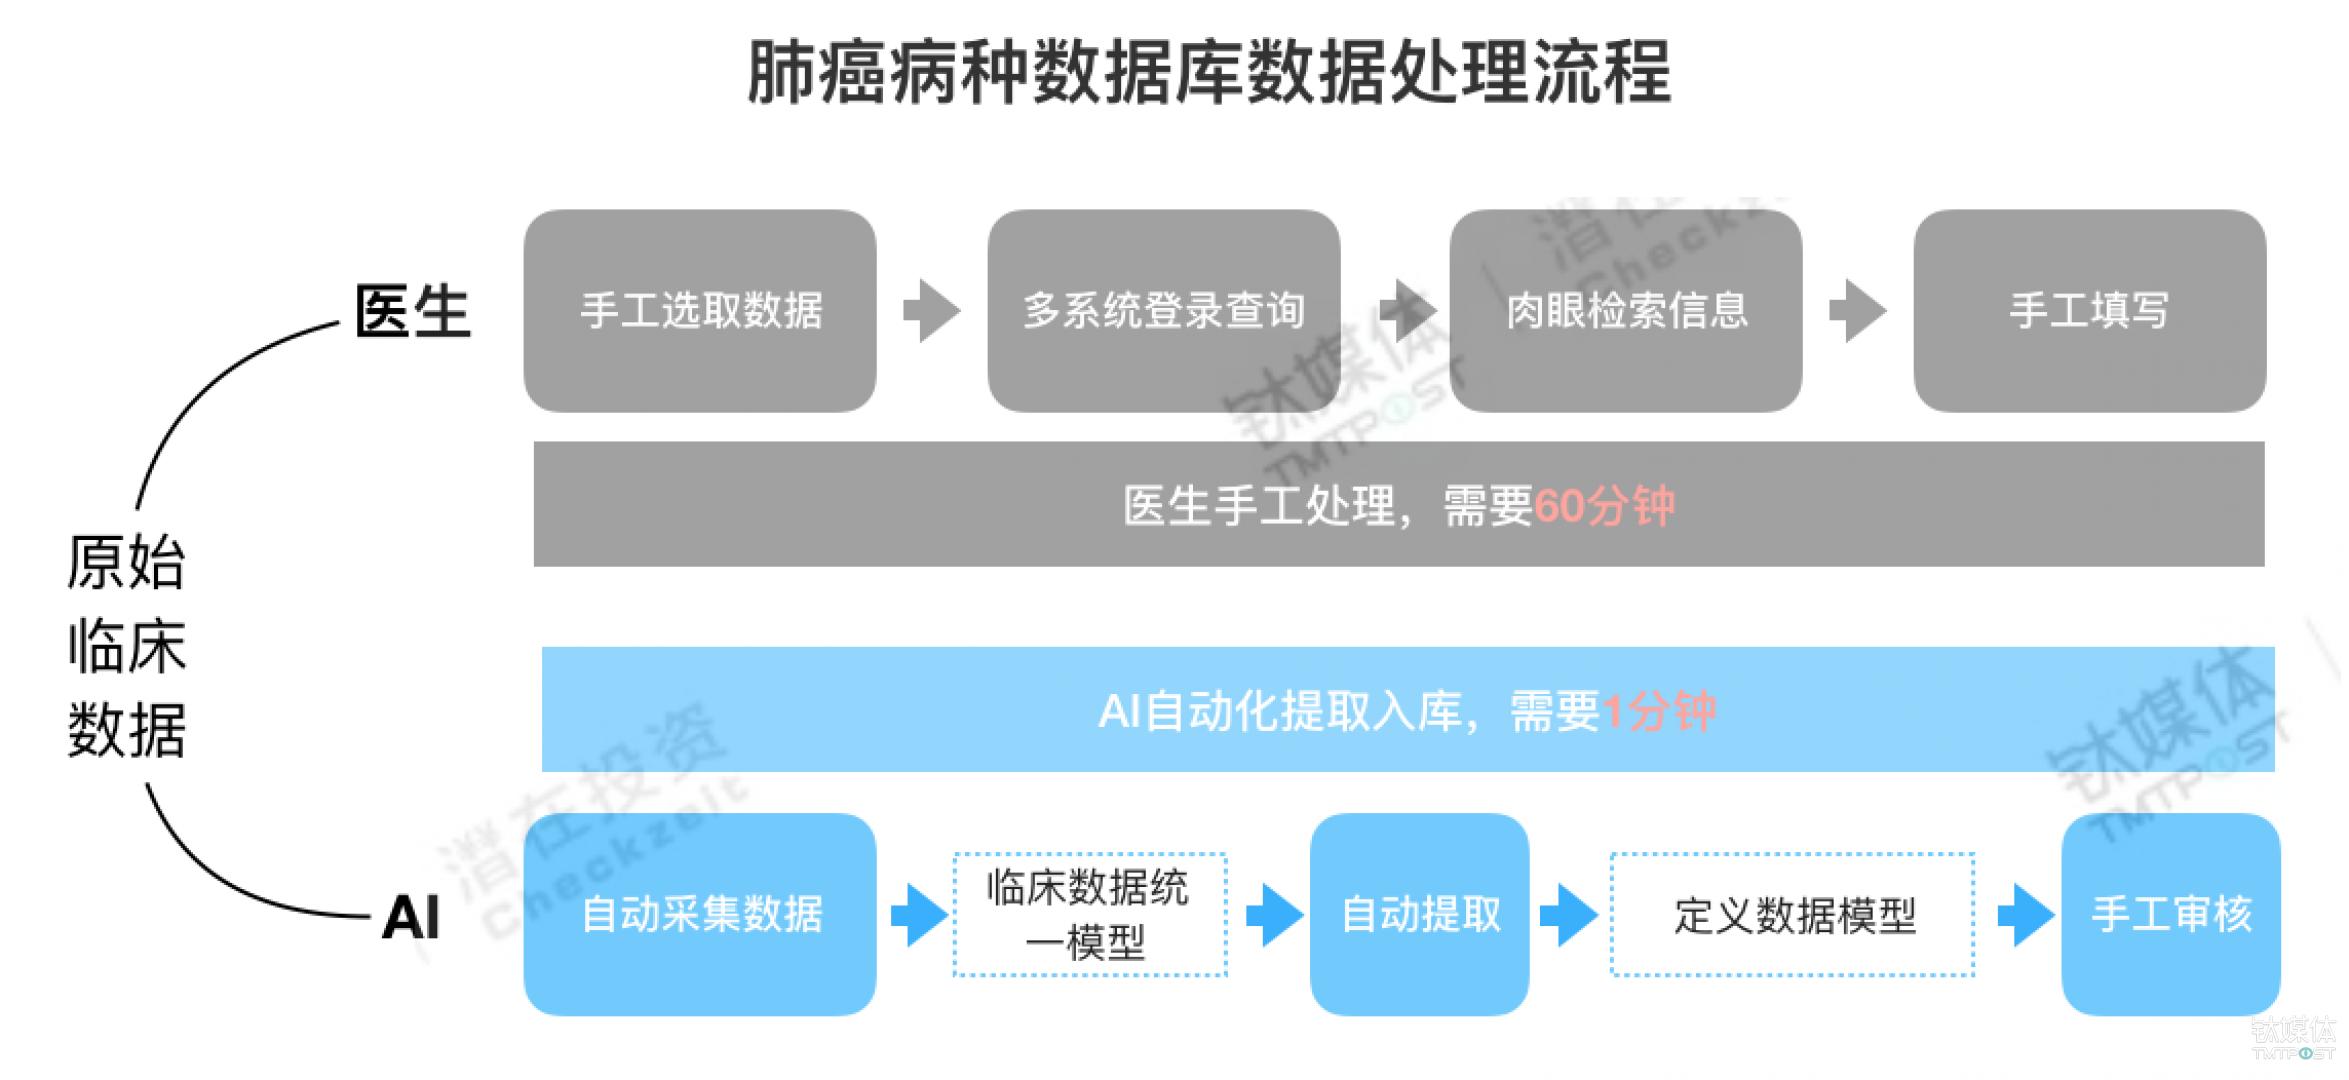 根据产品公开资料,钛媒体制图